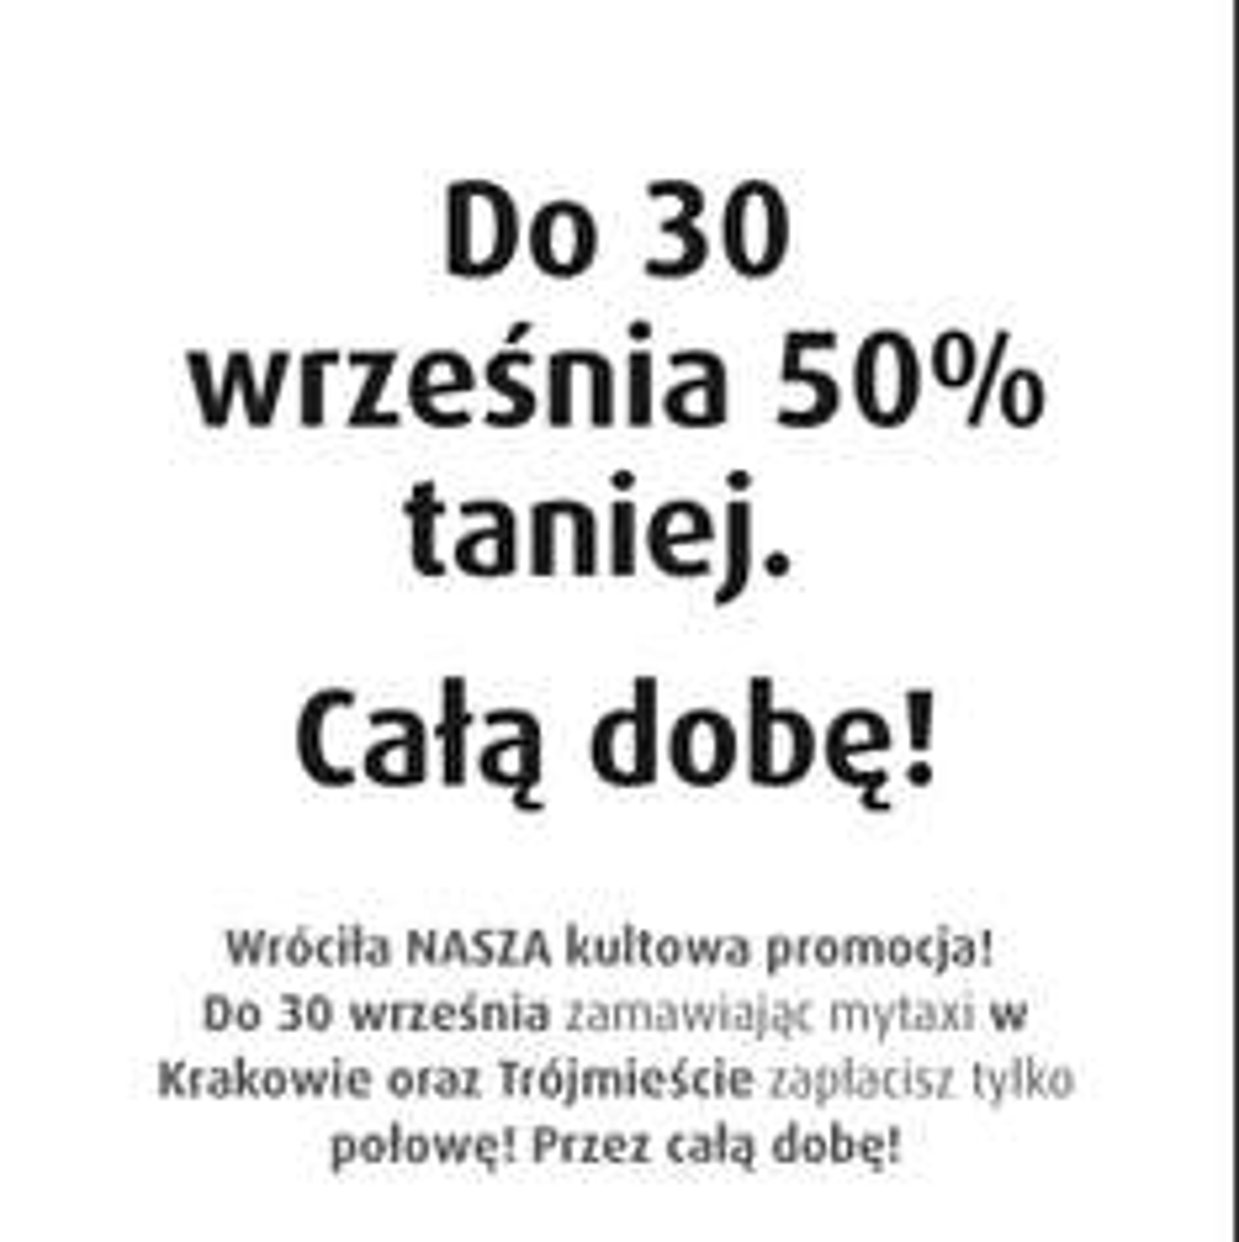 Mytaxi -50% całą dobę w trojmiescie i Krakowie